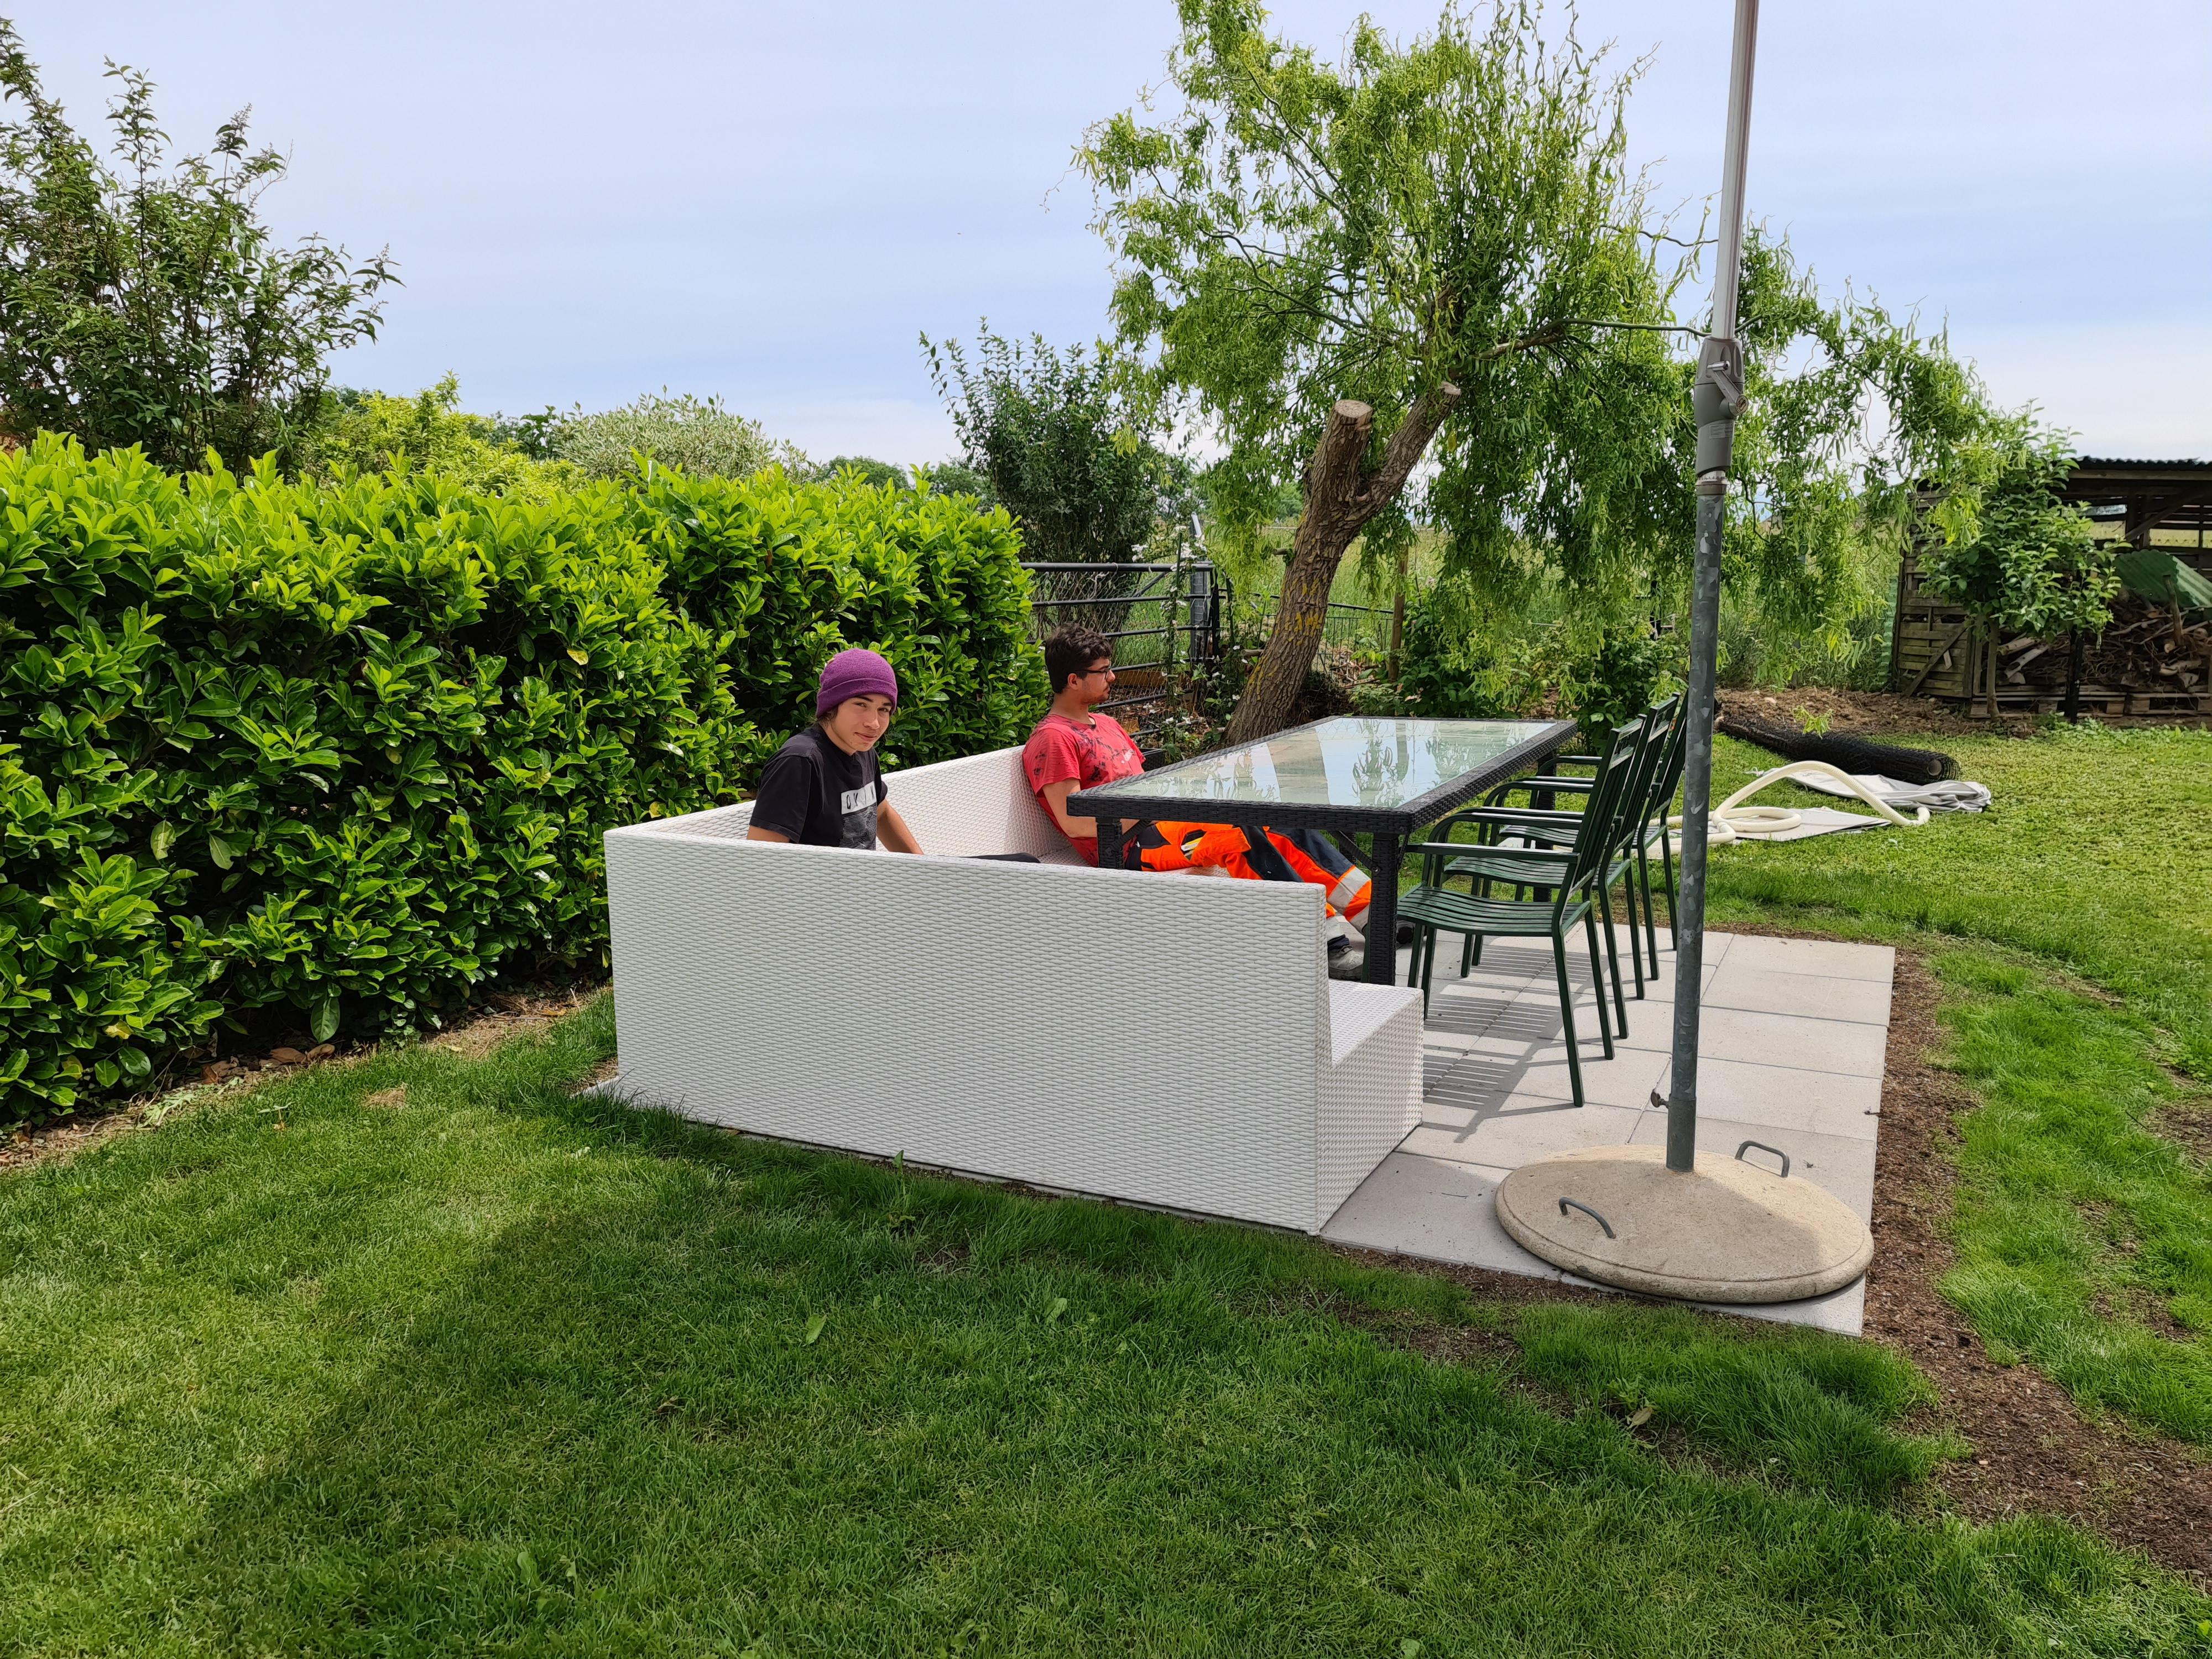 Appartement de vacances relaxe zu Hause ds 3pc oder im Studio eingerichteter Whirlpool und Pool im Somme (2520436), Bevaix, Lac de Neuchâtel, Jura - Neuchâtel, Suisse, image 42